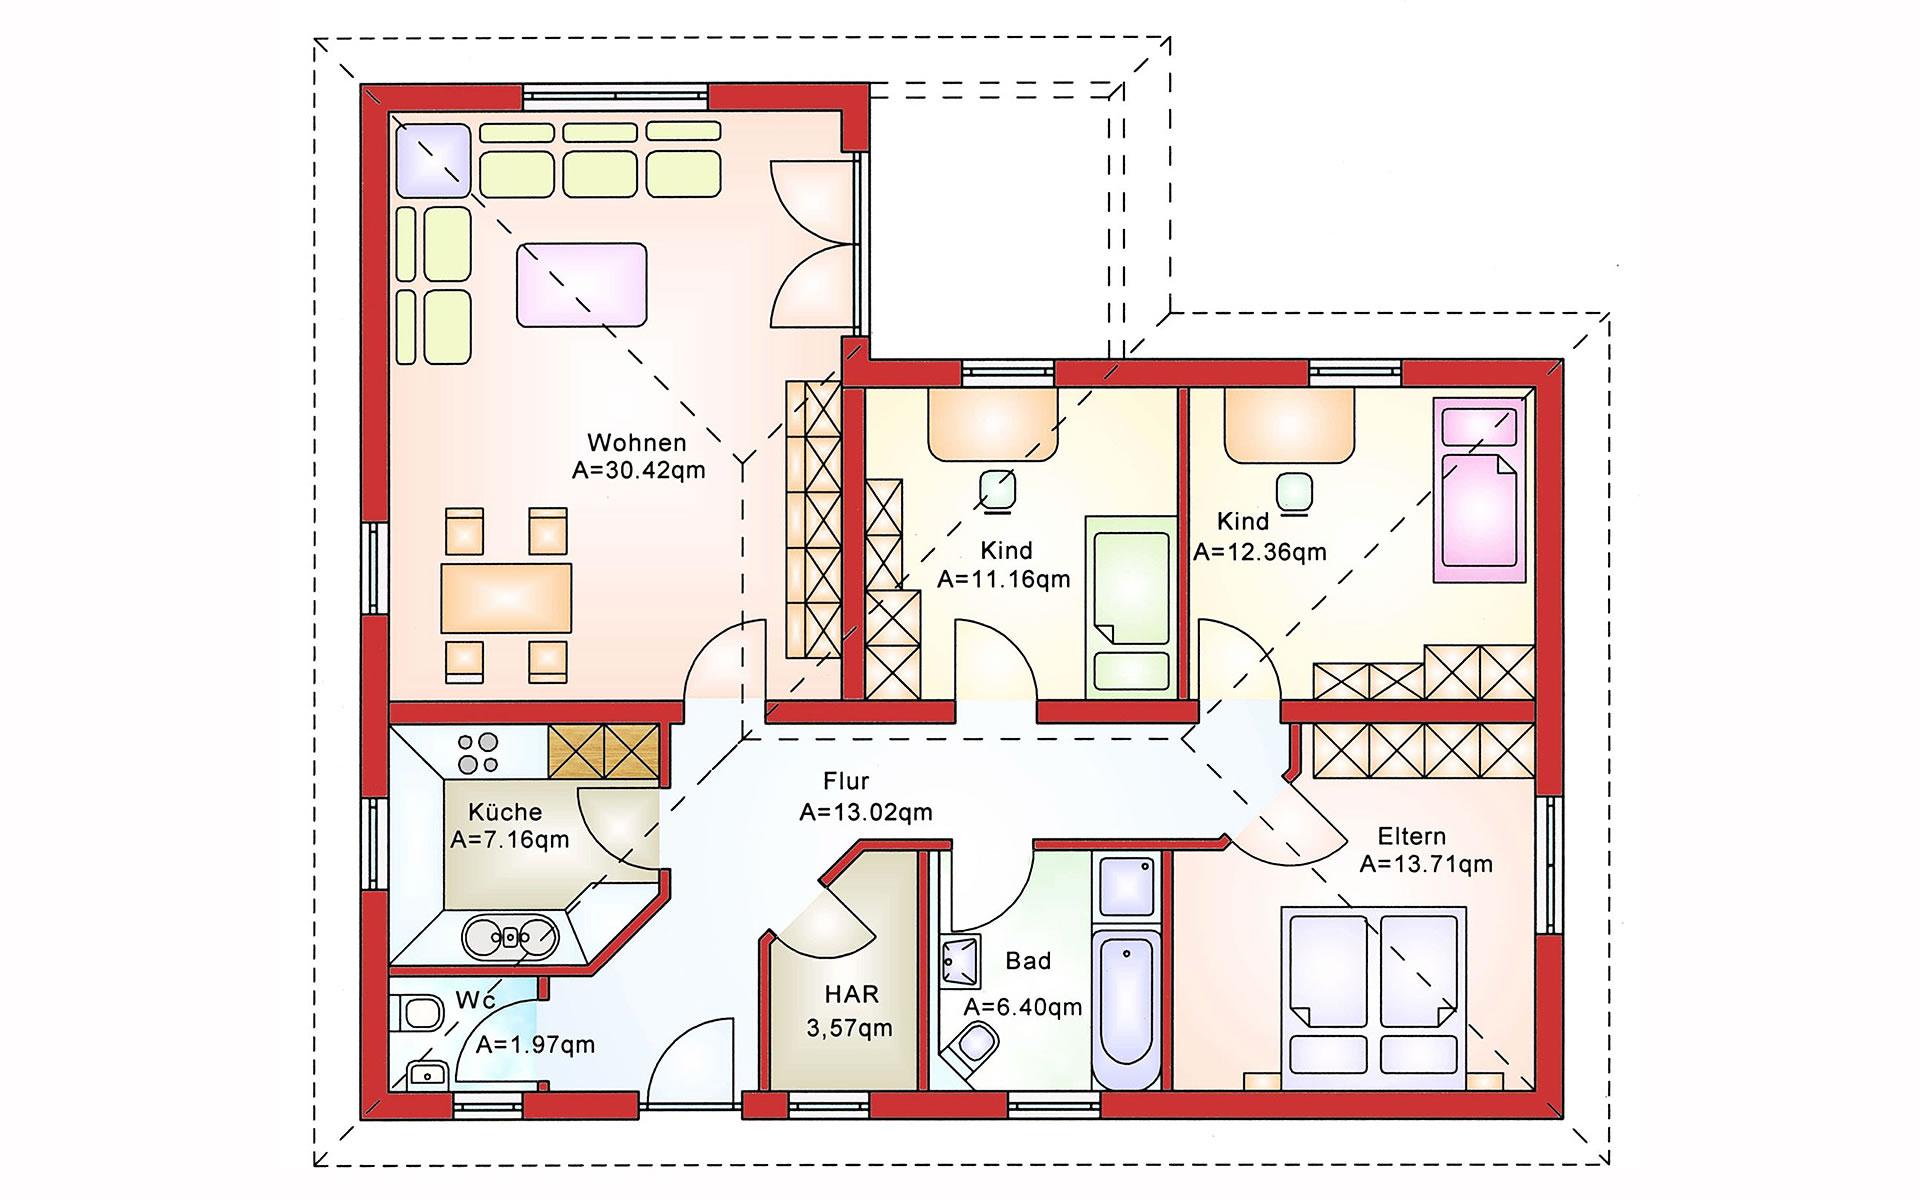 Erdgeschoss Bungalow BS 100 von B&S Selbstbausysteme GmbH & Co. KG